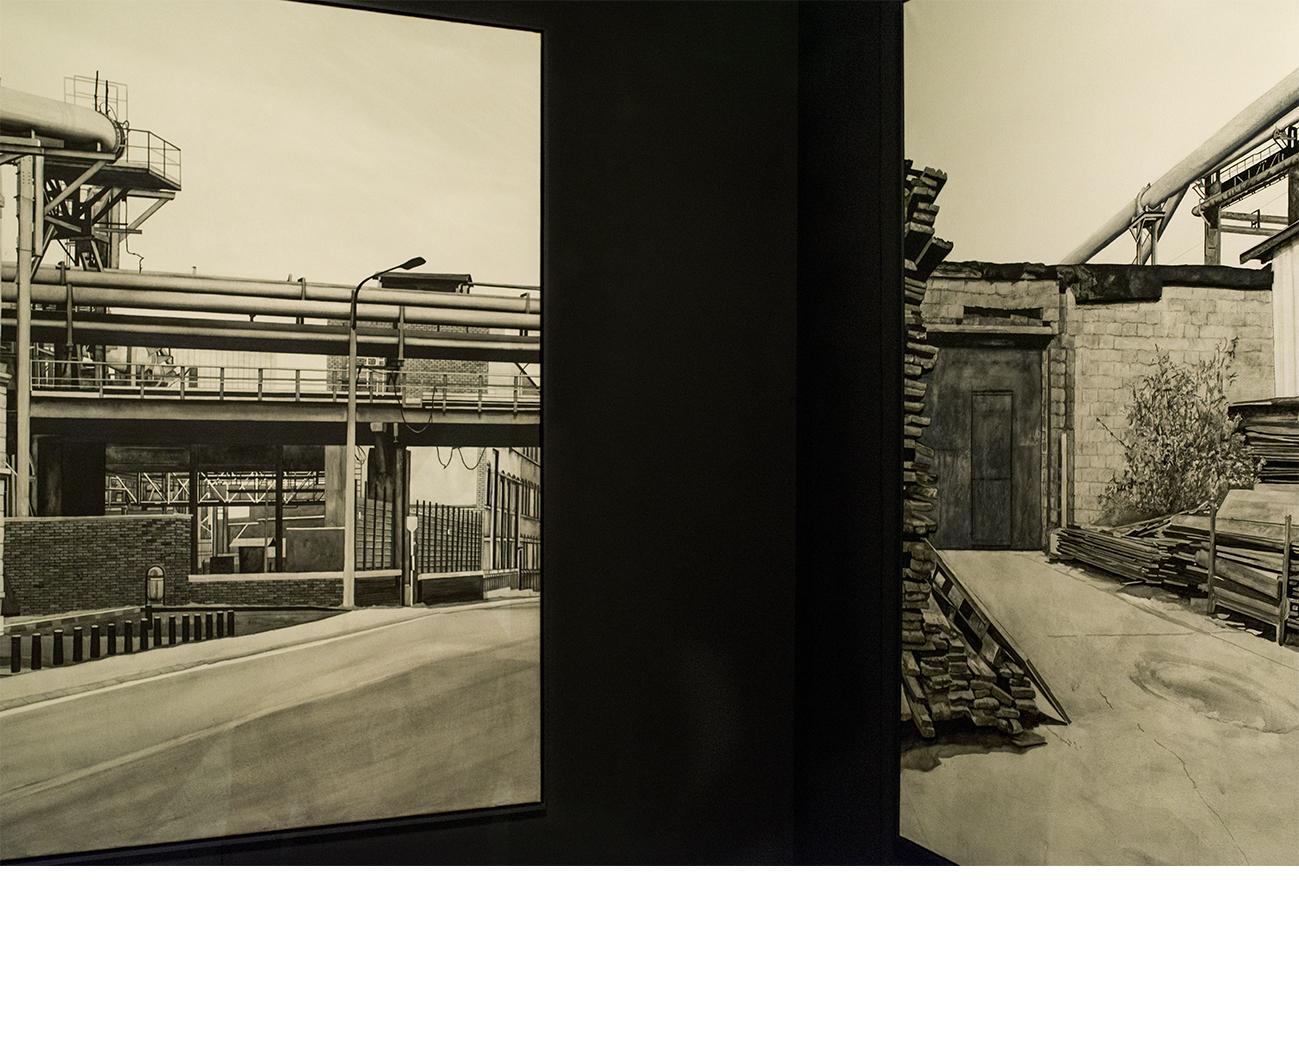 Détail de l'installation - Exposition au Musée des Tapisseries - Aix-en-Provence -  2015